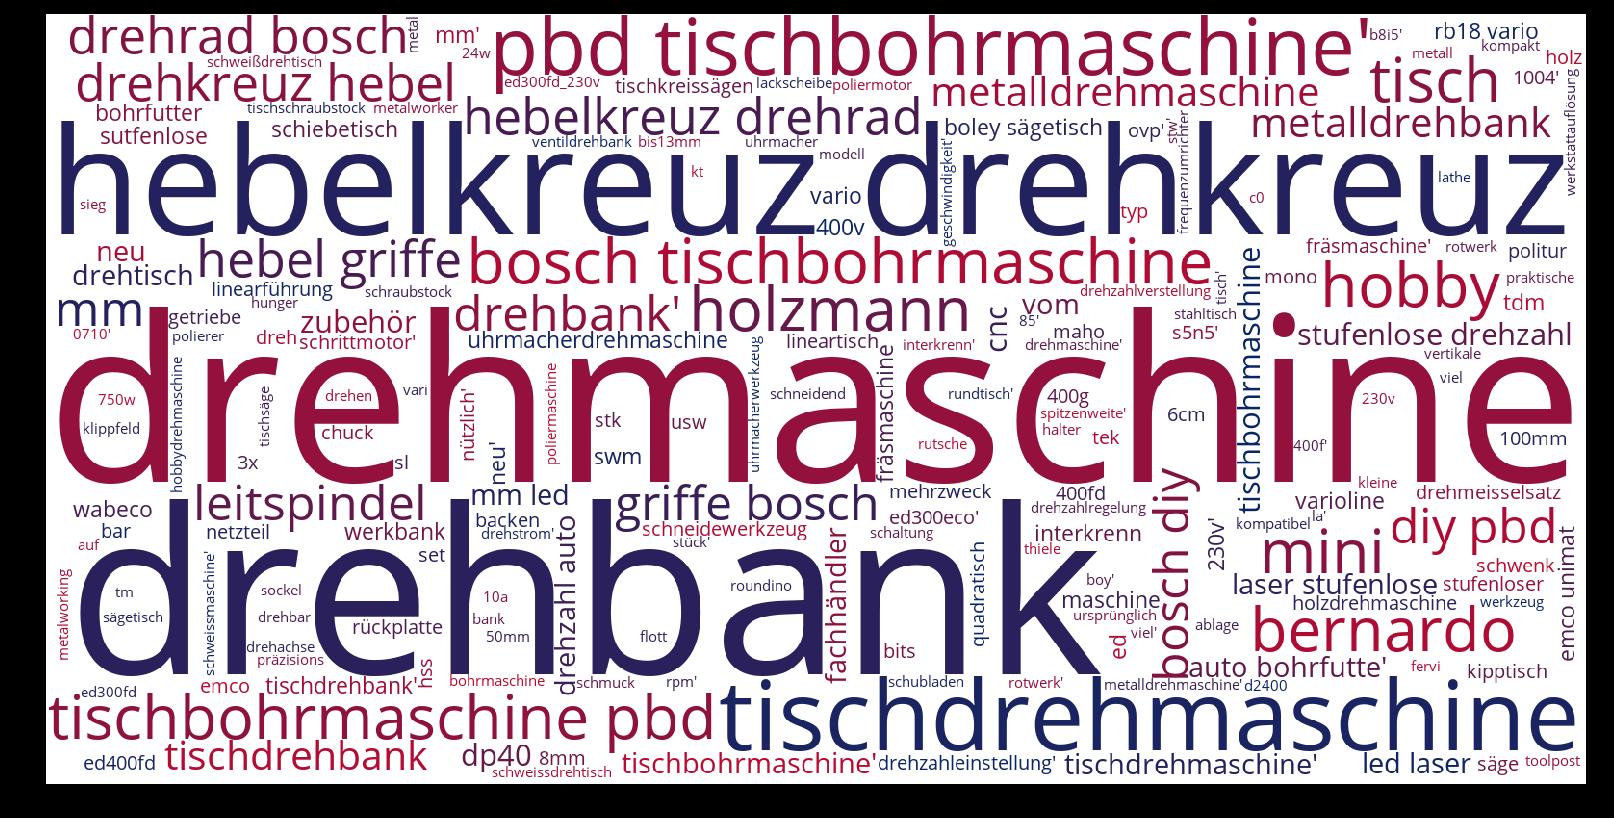 Tischdrehmaschine-wordcloud